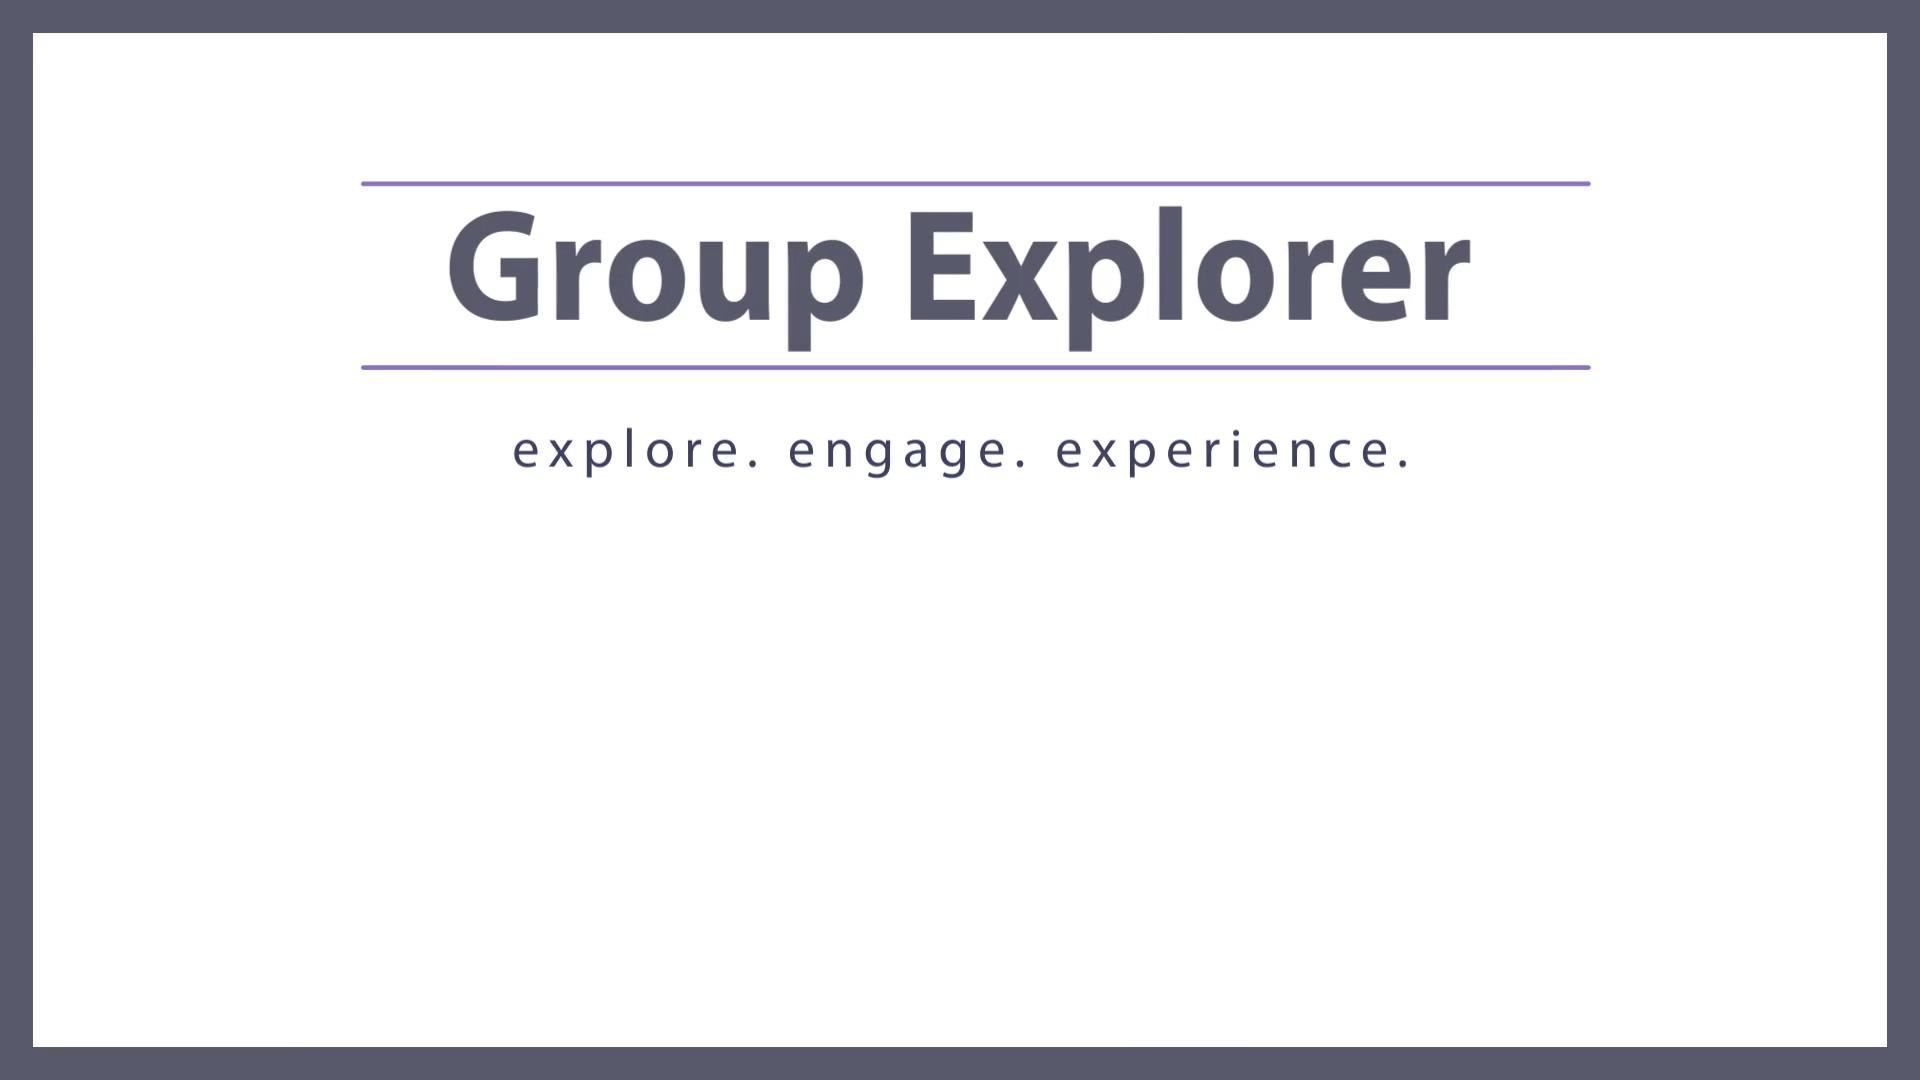 Group Explorer for Office 365